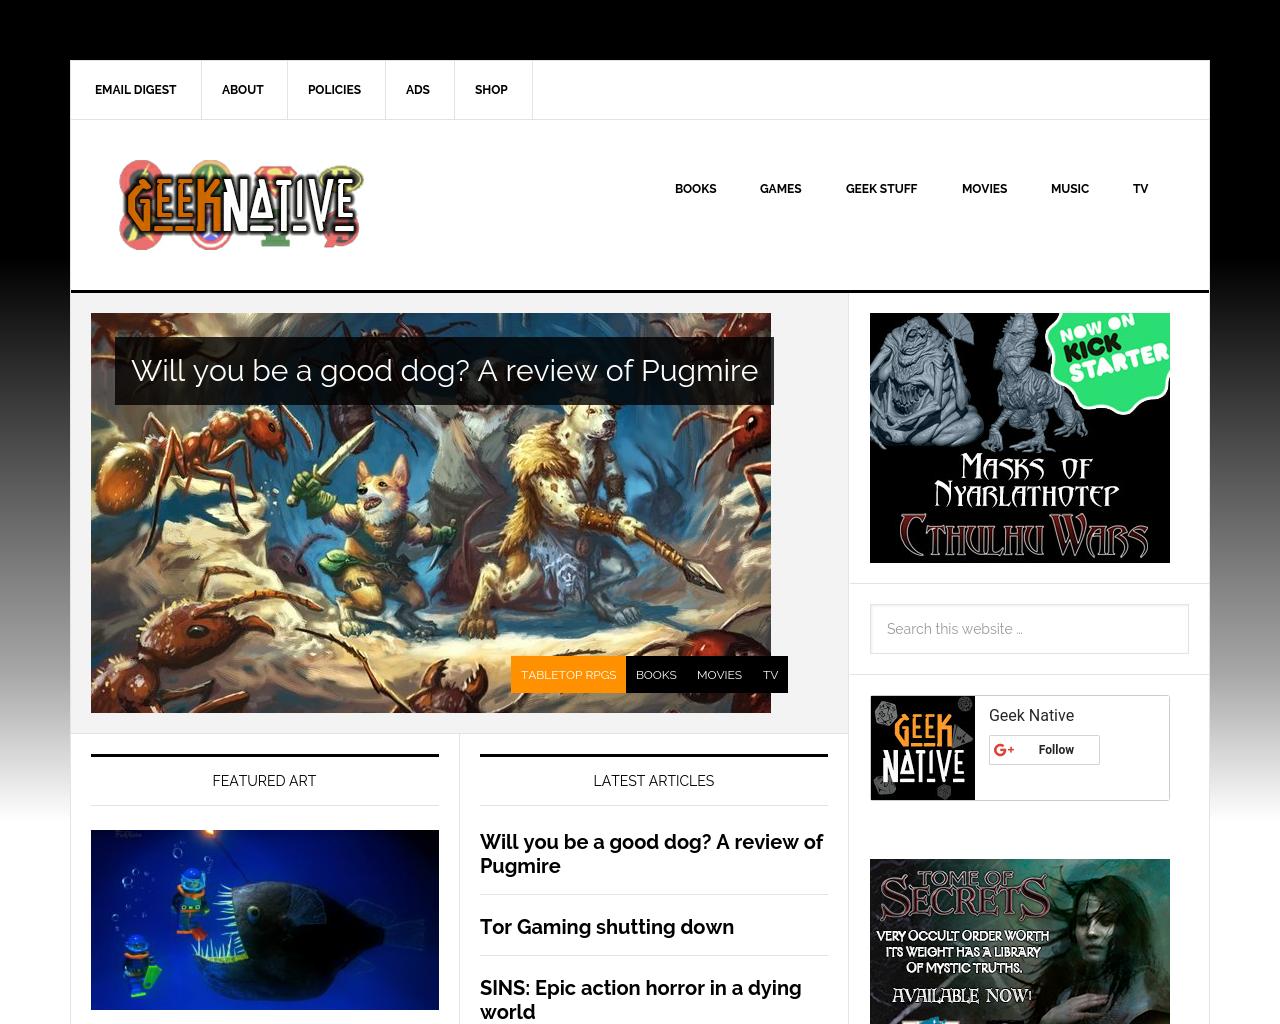 GEEKNATIVE-Advertising-Reviews-Pricing